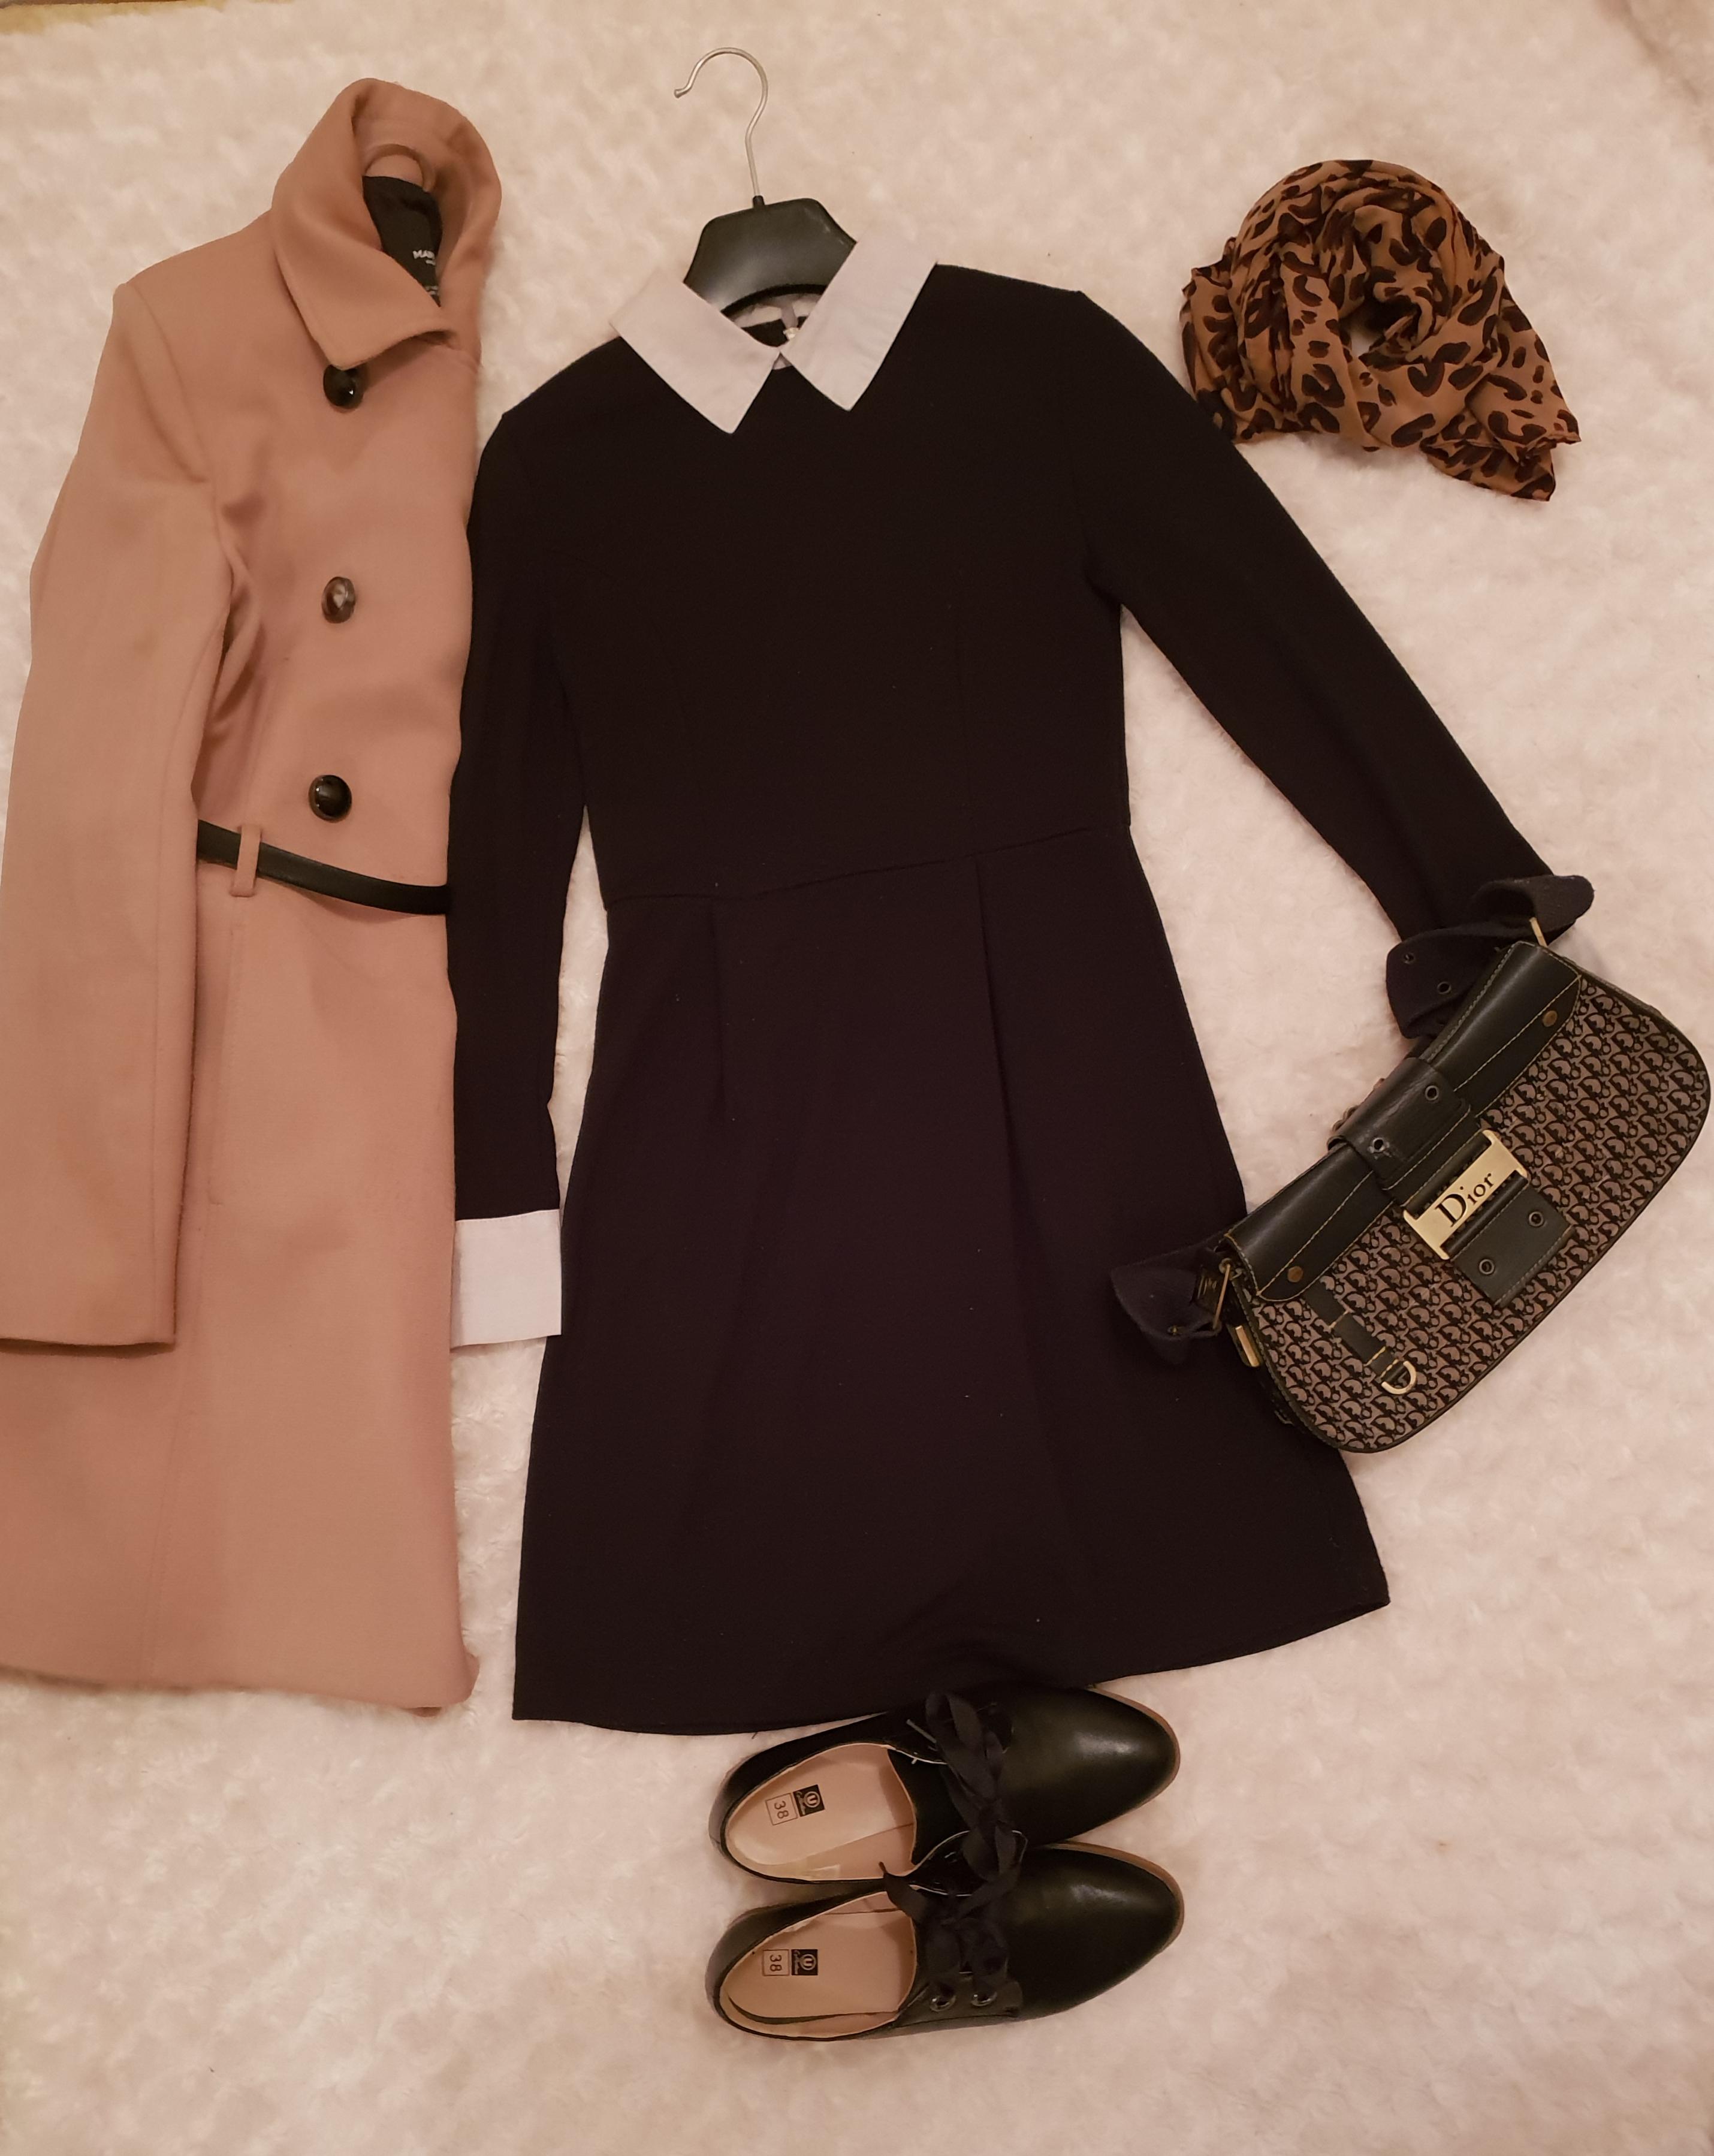 Le look d\u0027aujourd\u0027hui est très simple a copier, minimaliste et classe à la  fois. Le col claudine et les manches de cette robe lui donne un côté sage,